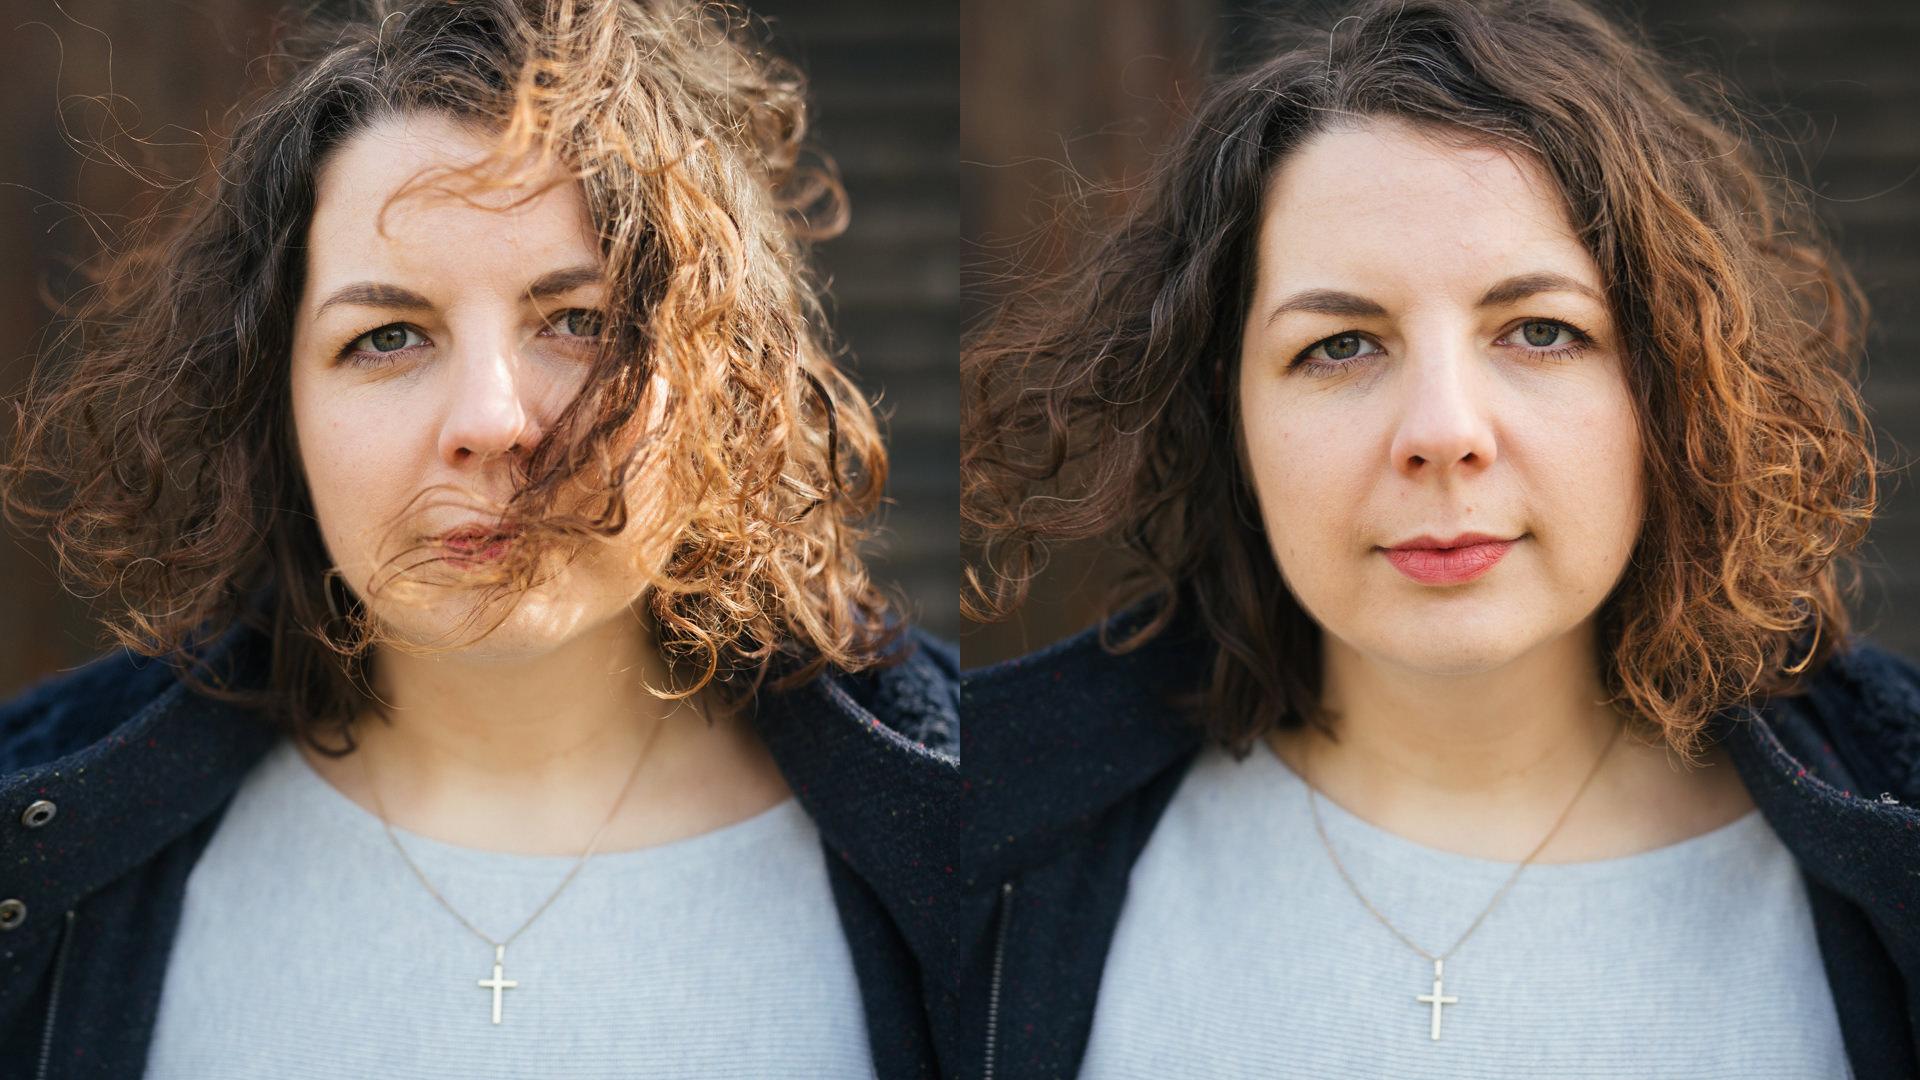 links ist immer das Bild ohne Reflektor, rechts mit dem transparenten Innenteil